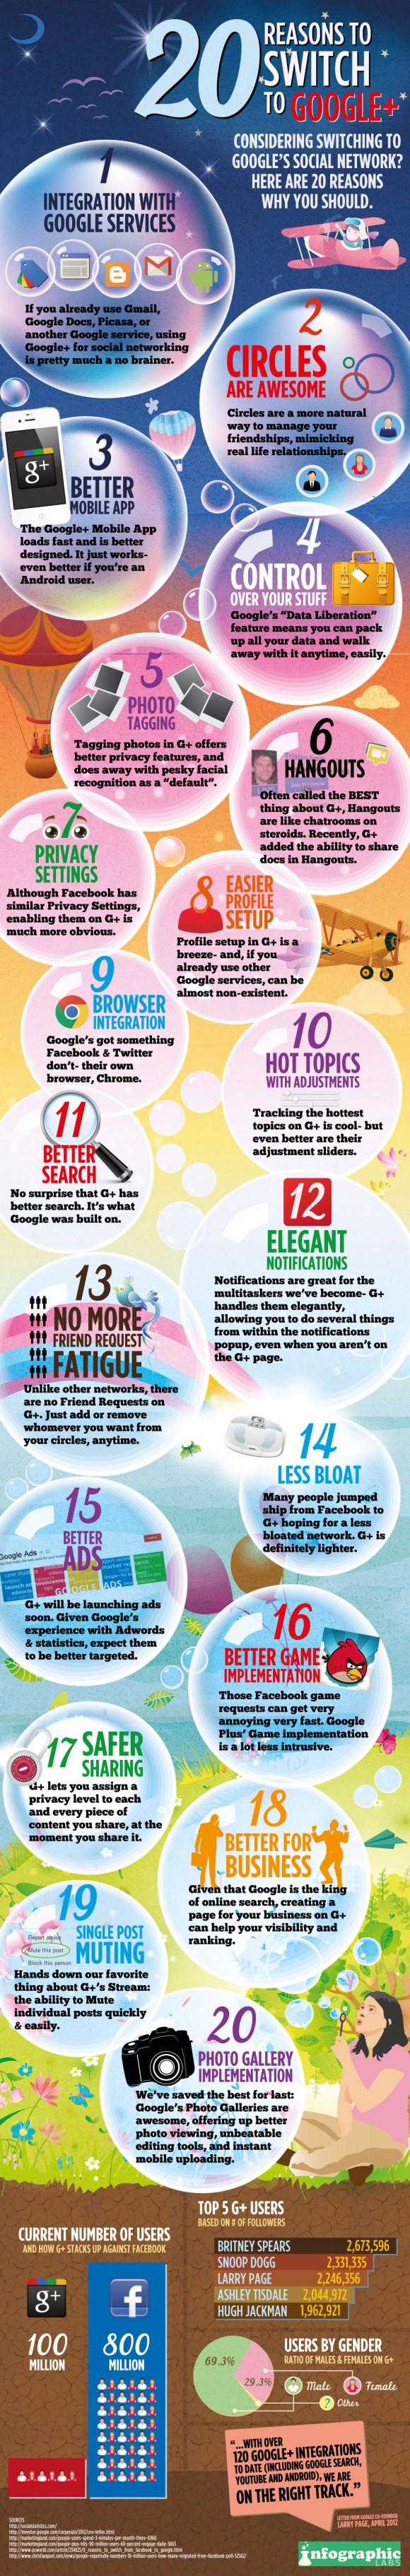 20 motivos para cambiar a Google+